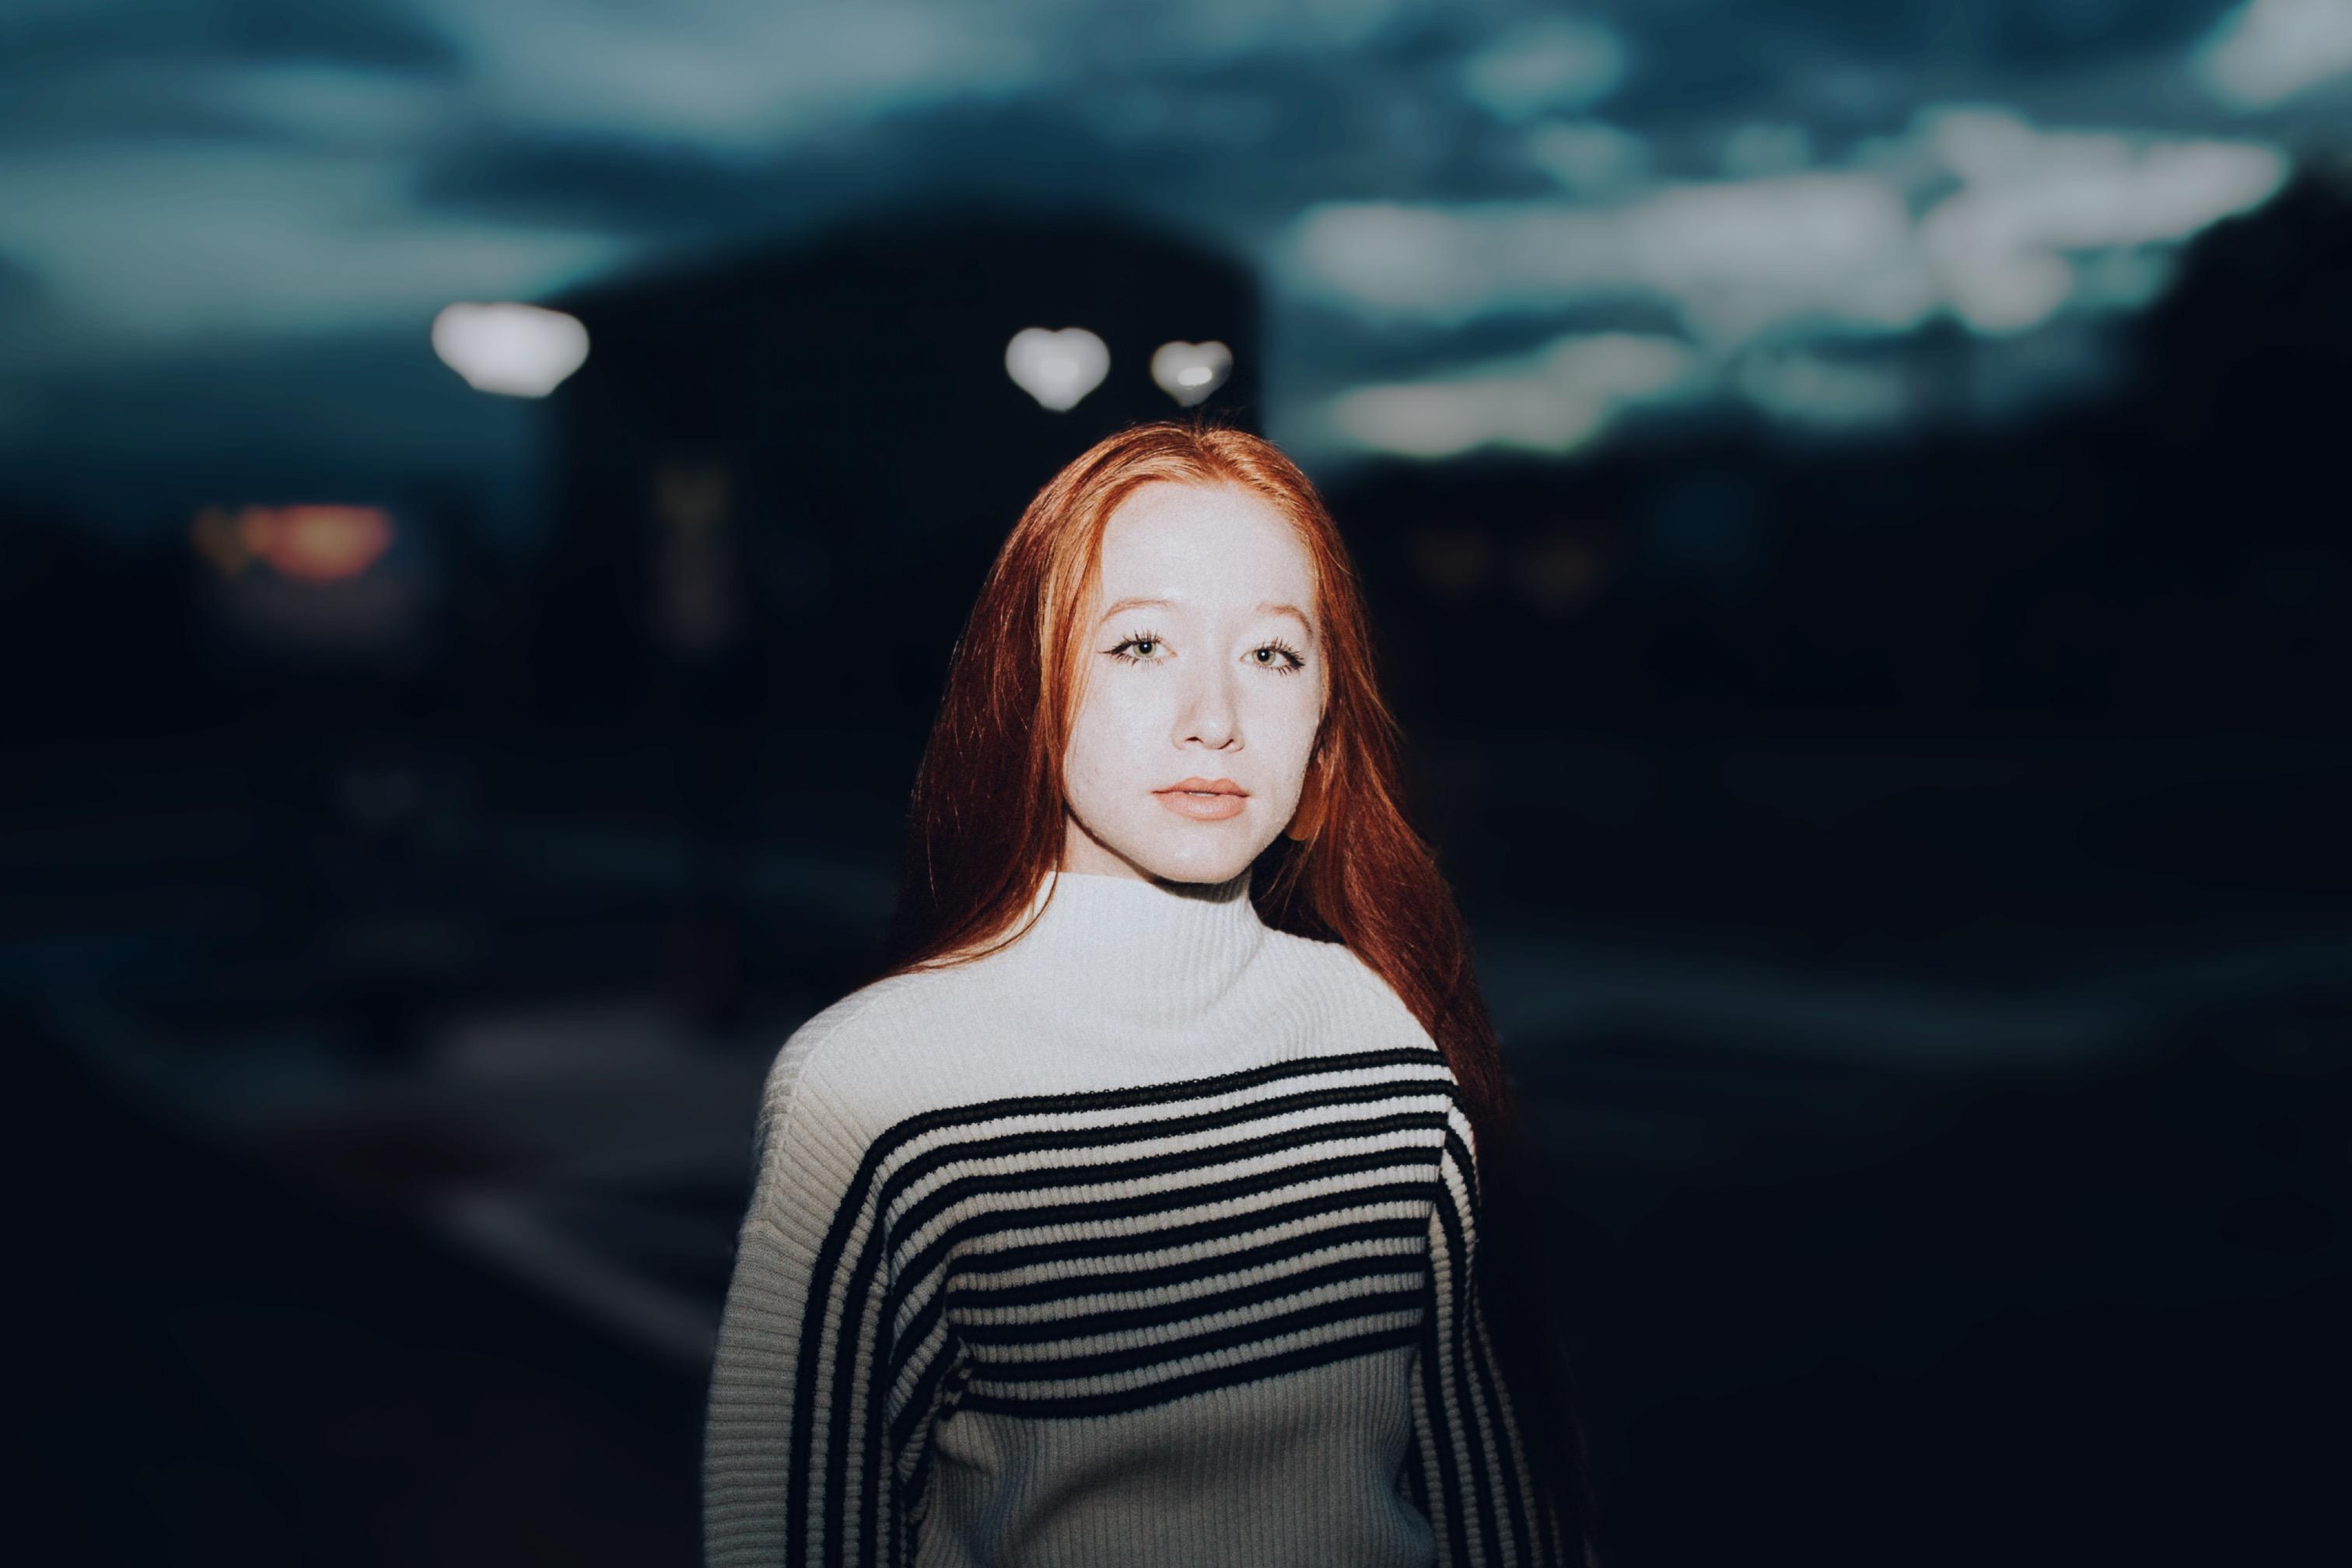 menina ruiva em frente a um flash